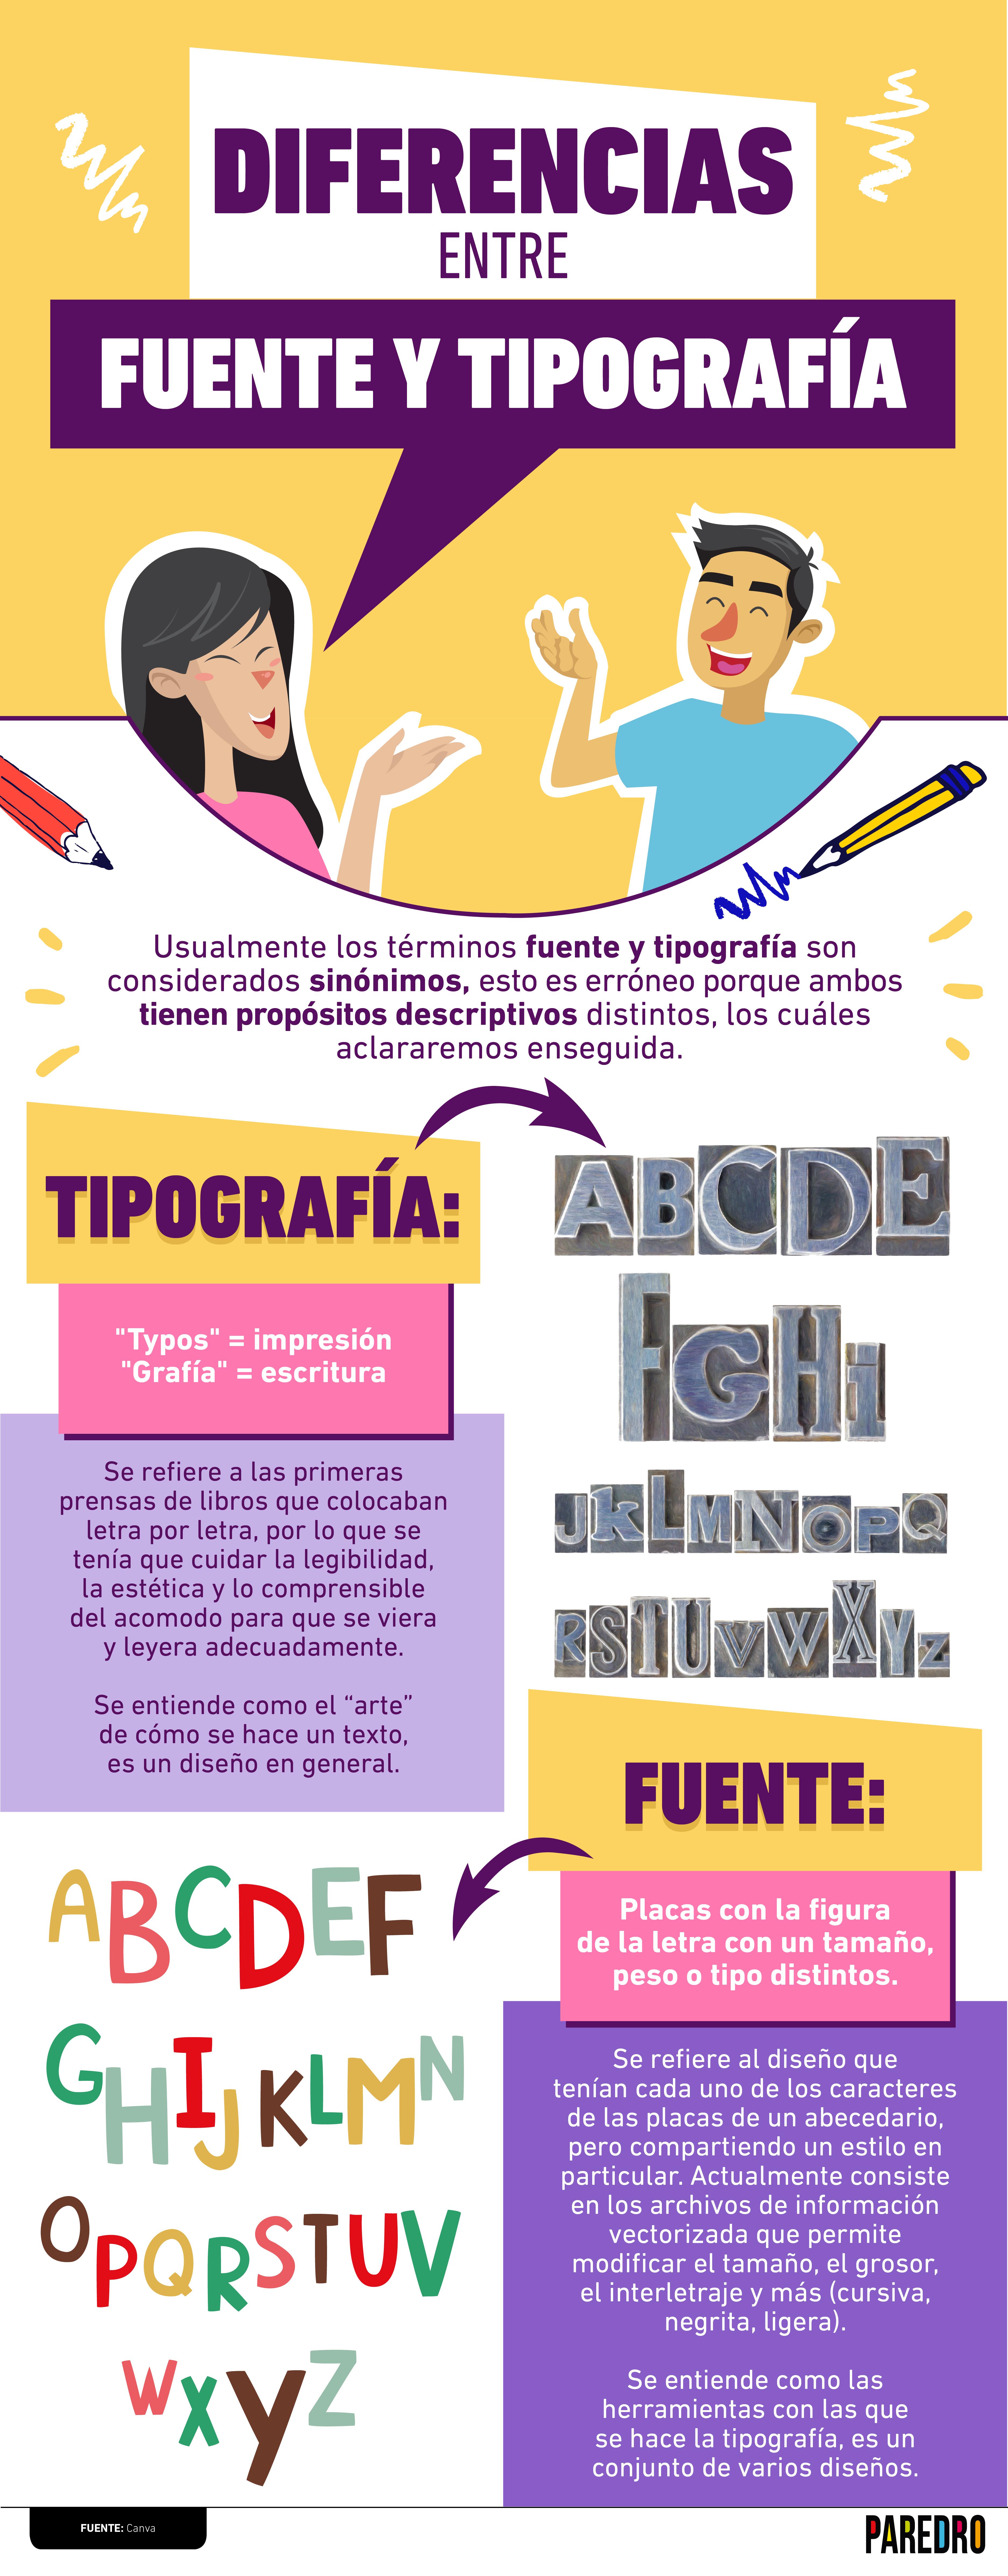 Aunque los confundamos con sinónimos, existen diferencias entre fuente y tipografía que marcan el propósito de cada uno de éstos.